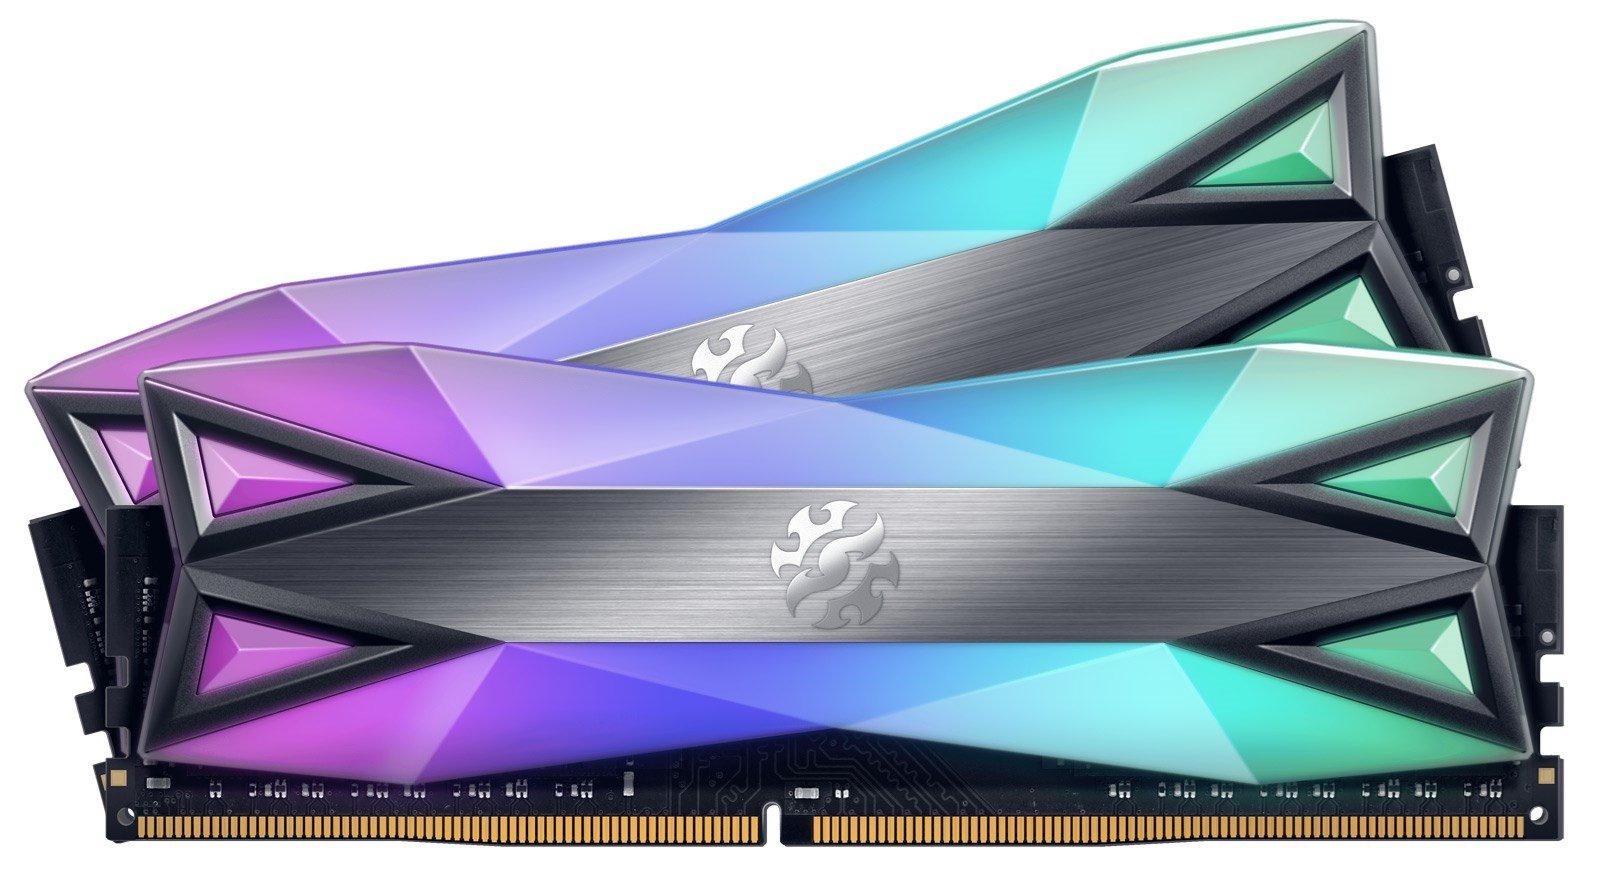 Adata XPG Spectrix D60G 32GB (2x 16GB) 3200MHz C16 Memory Kit, £124.99 at CCL Online